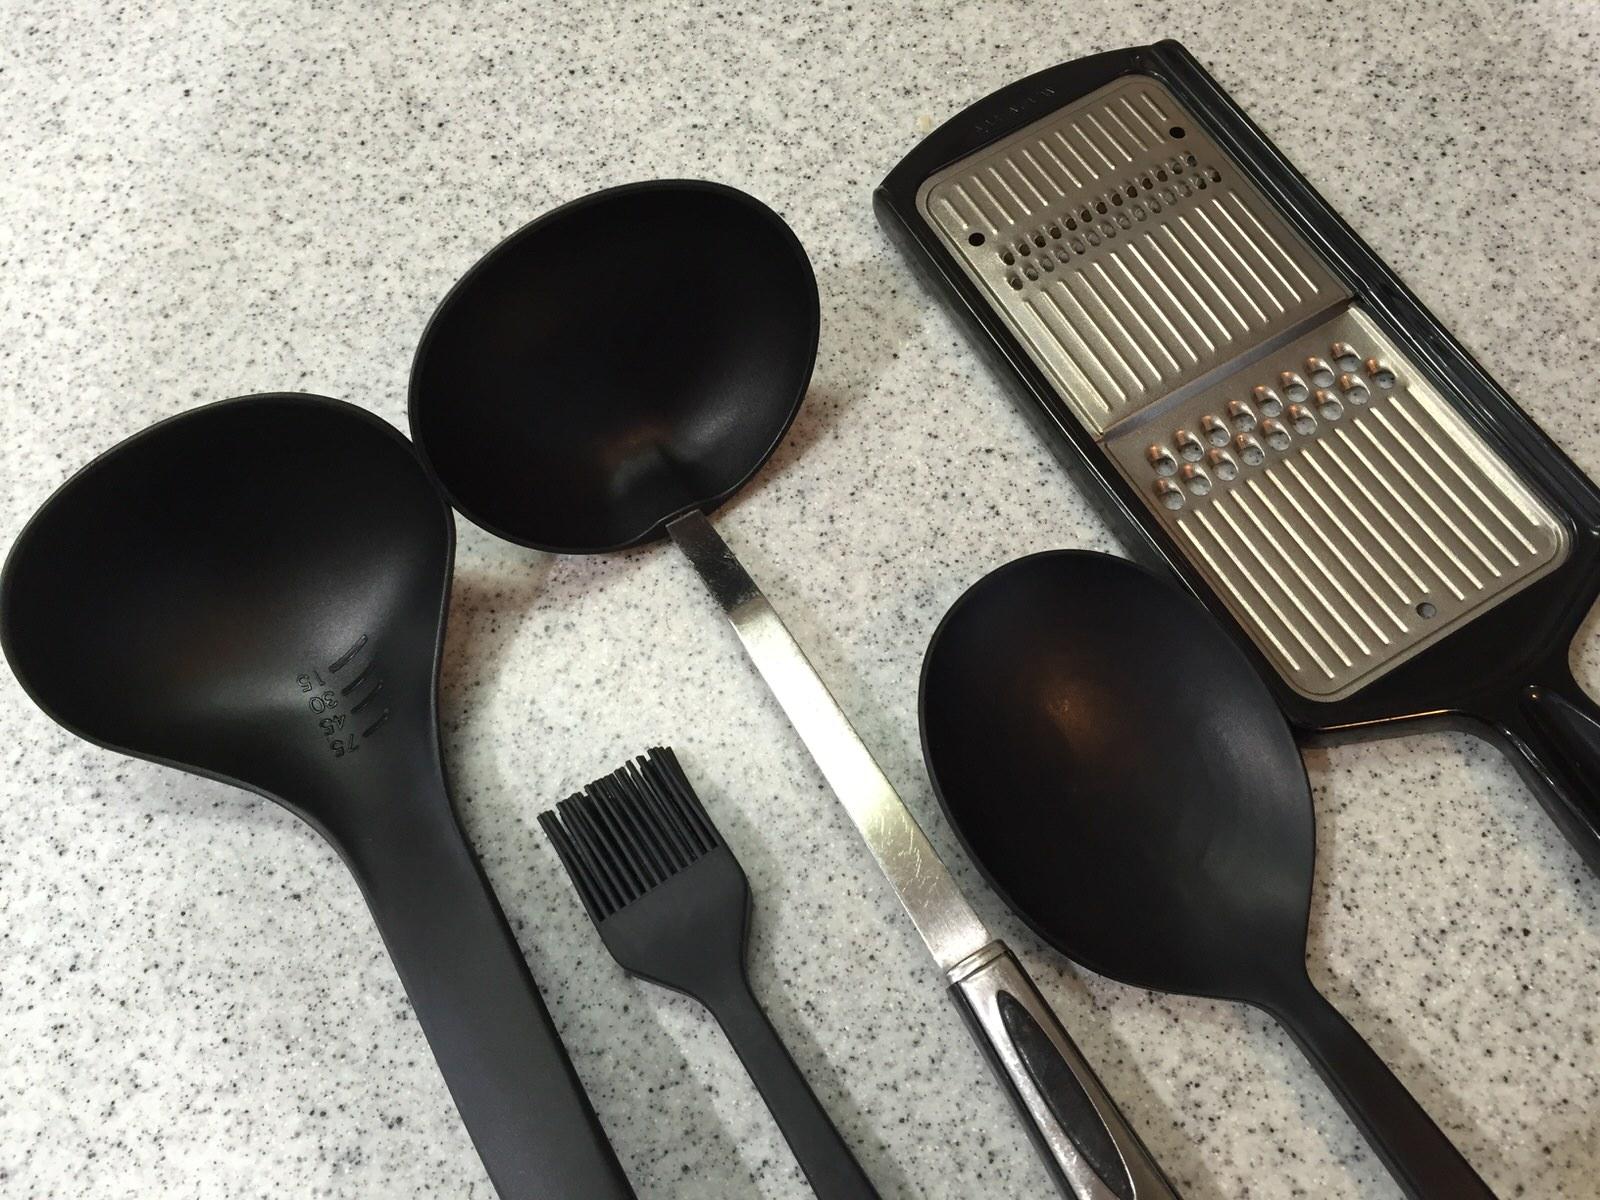 キッチンツールの色を揃えると空間がスッキリ。揃えやすいのは黒。